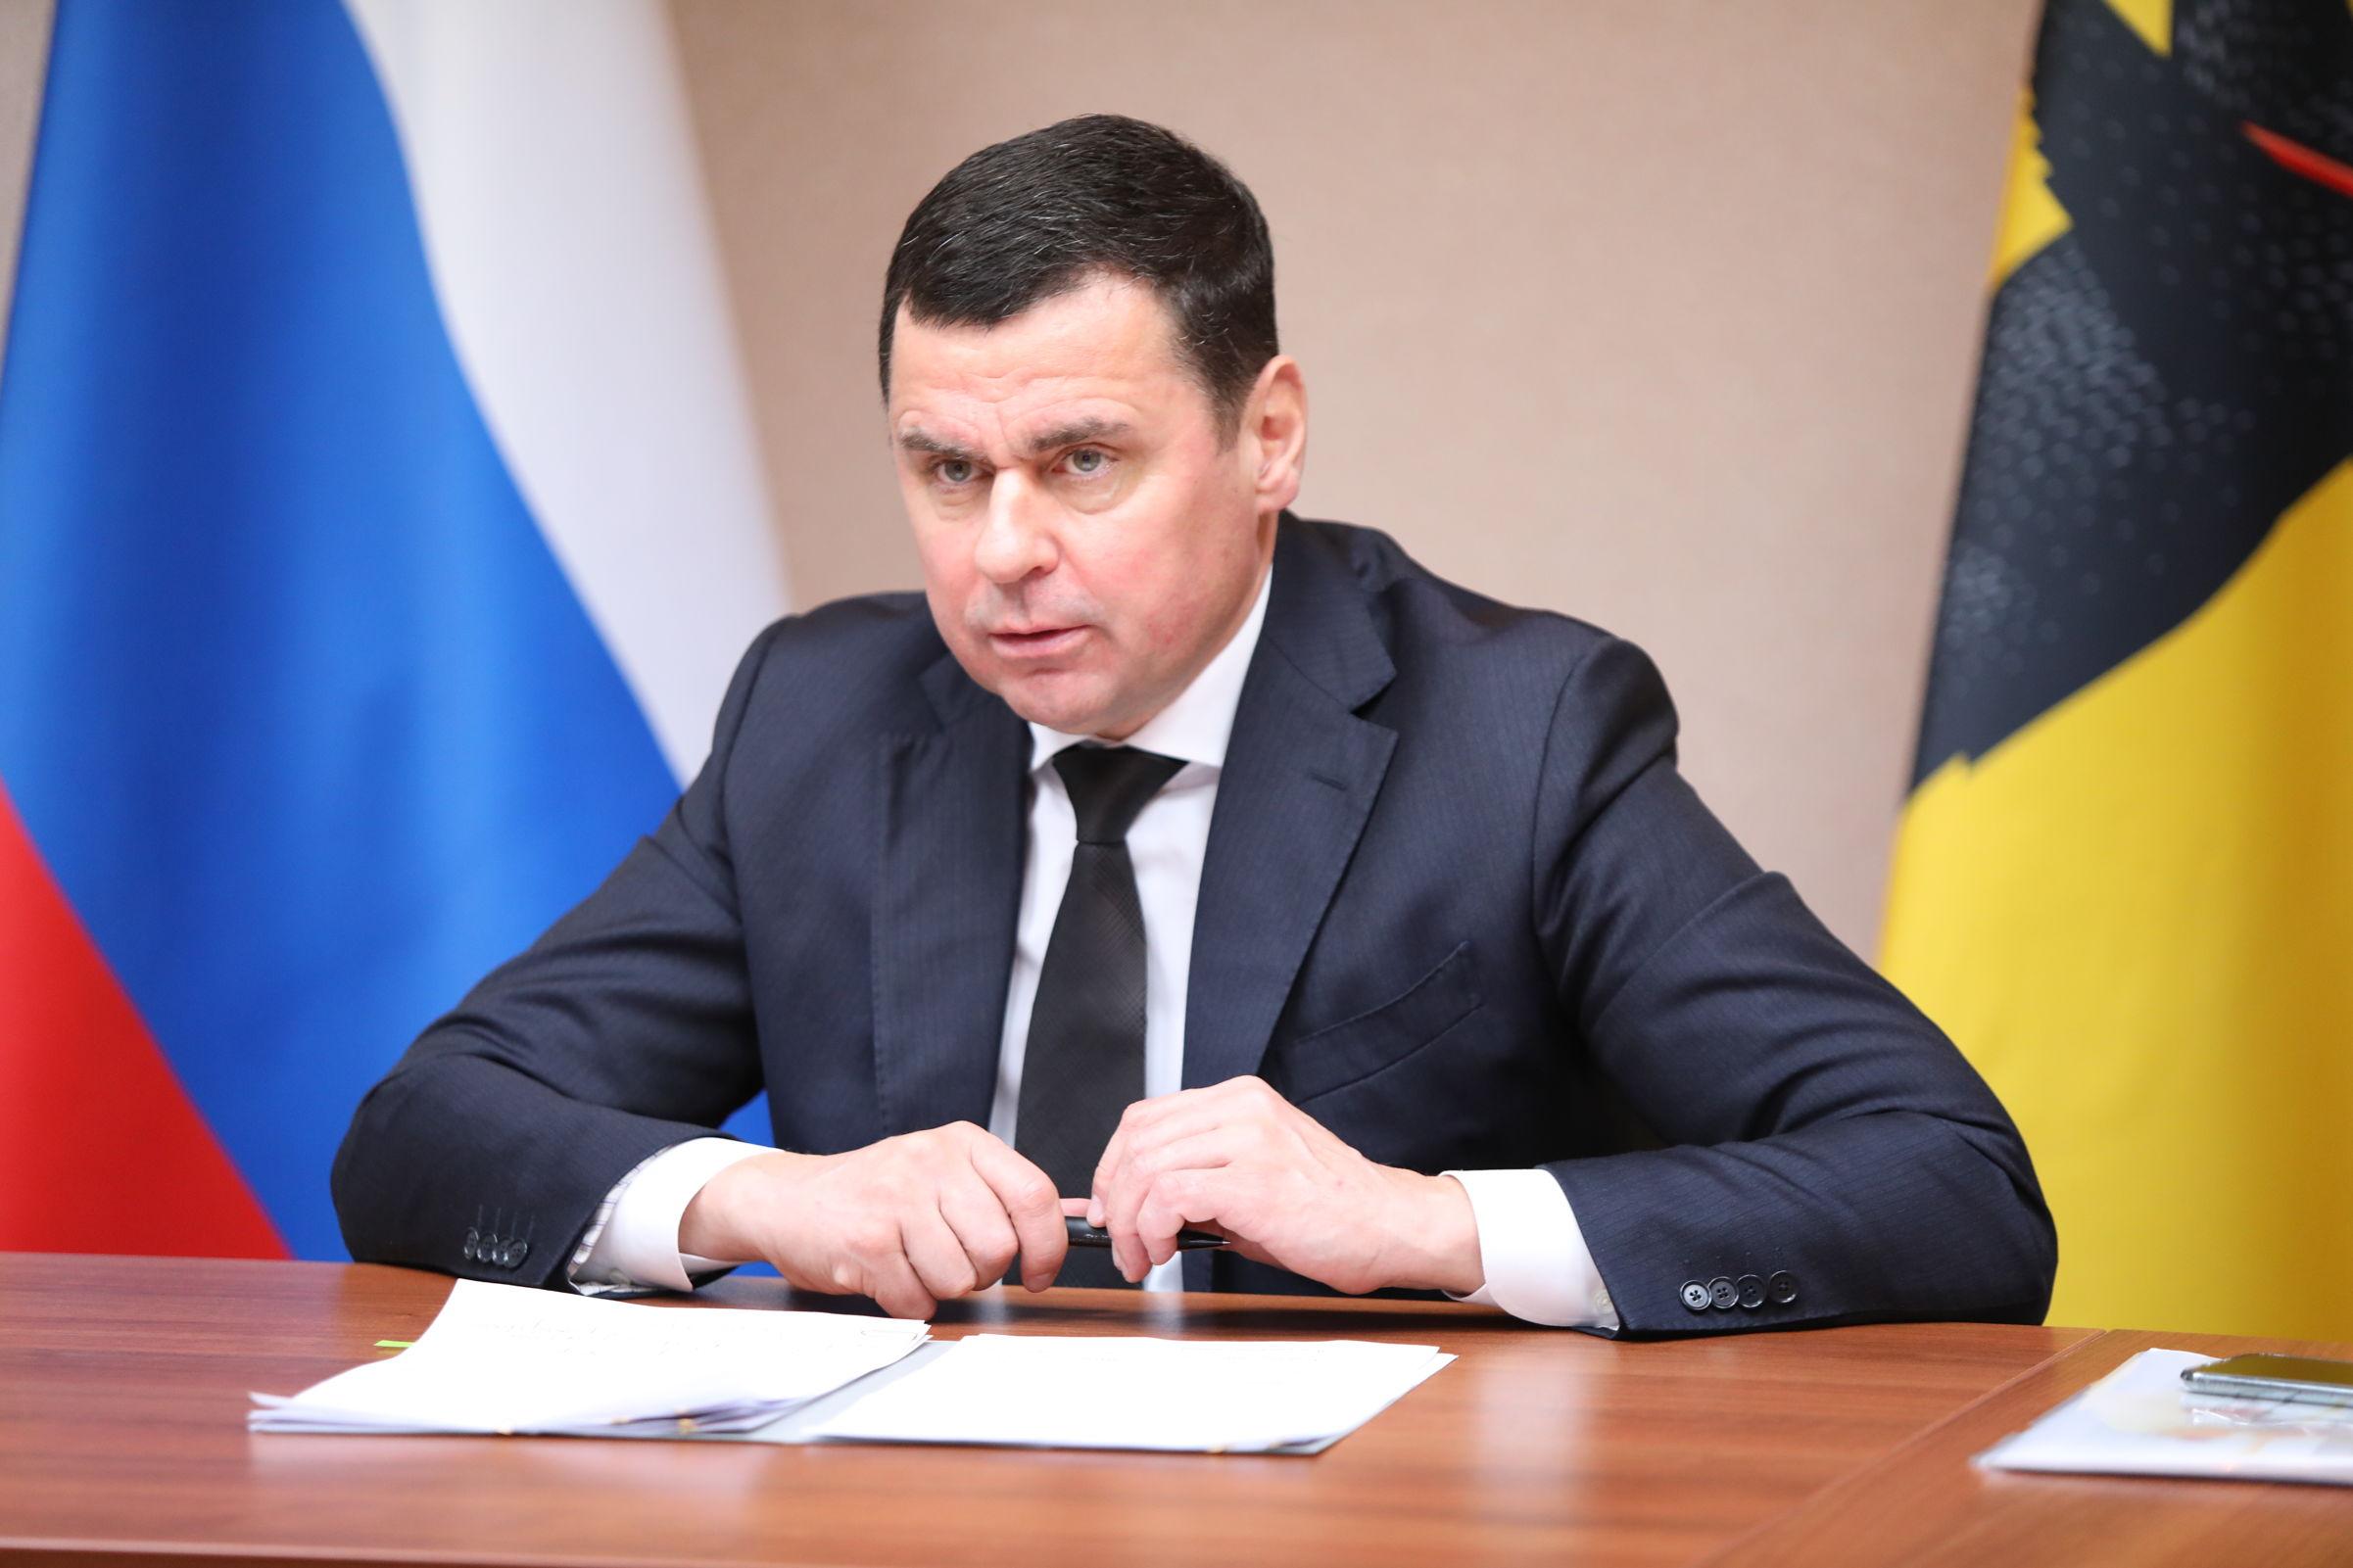 Дмитрий Миронов вошел в число лидеров рейтинга репутации губернаторов